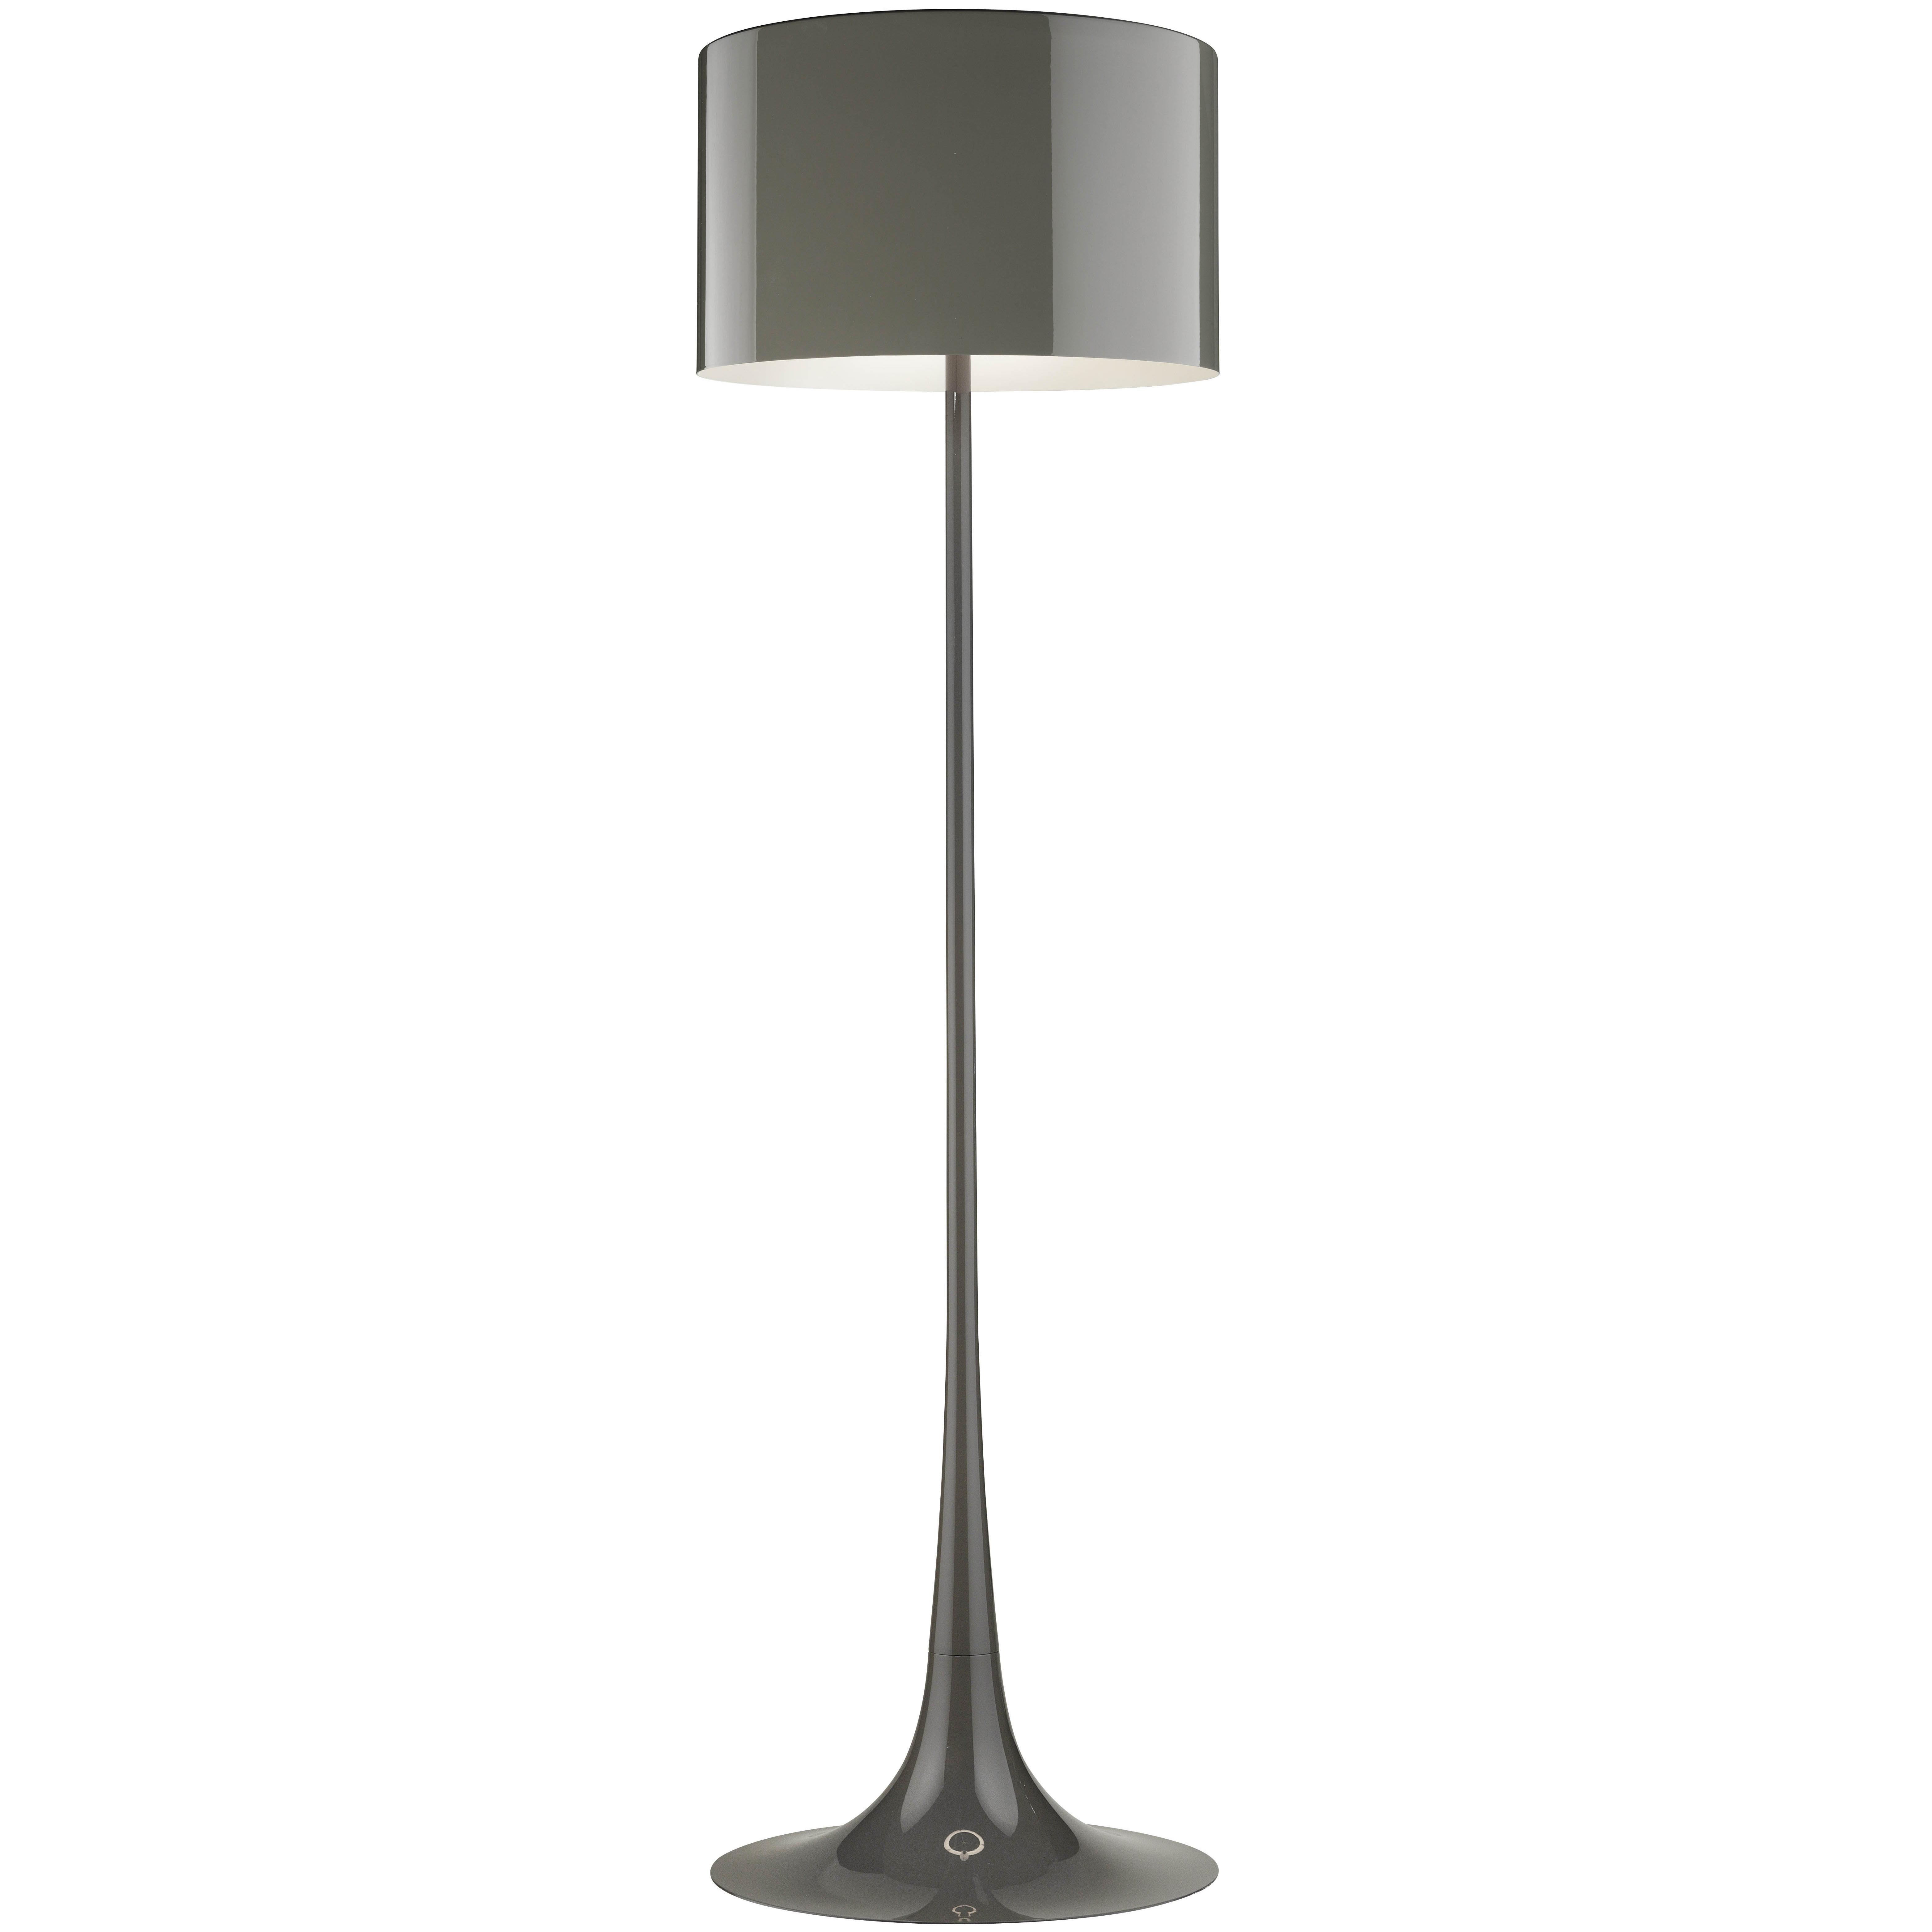 FLOS Spun Light Floor Lamp in Mud by Sebastian Wrong